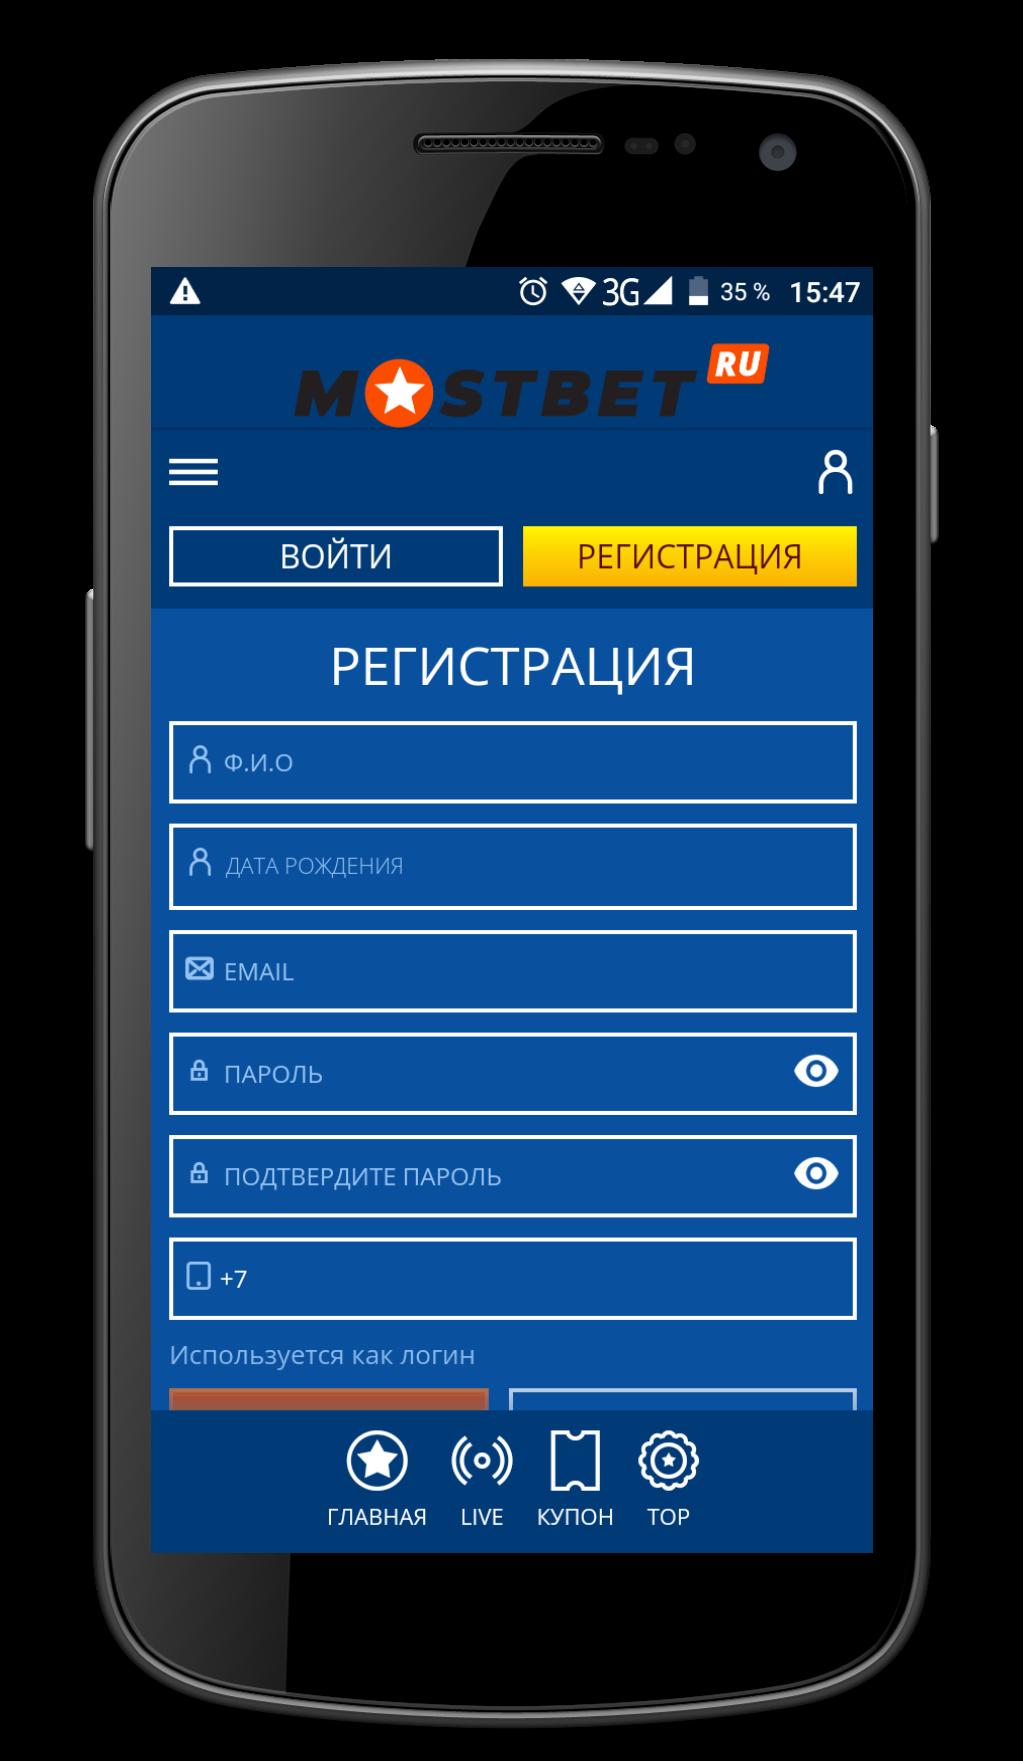 android - регистрация mostbet